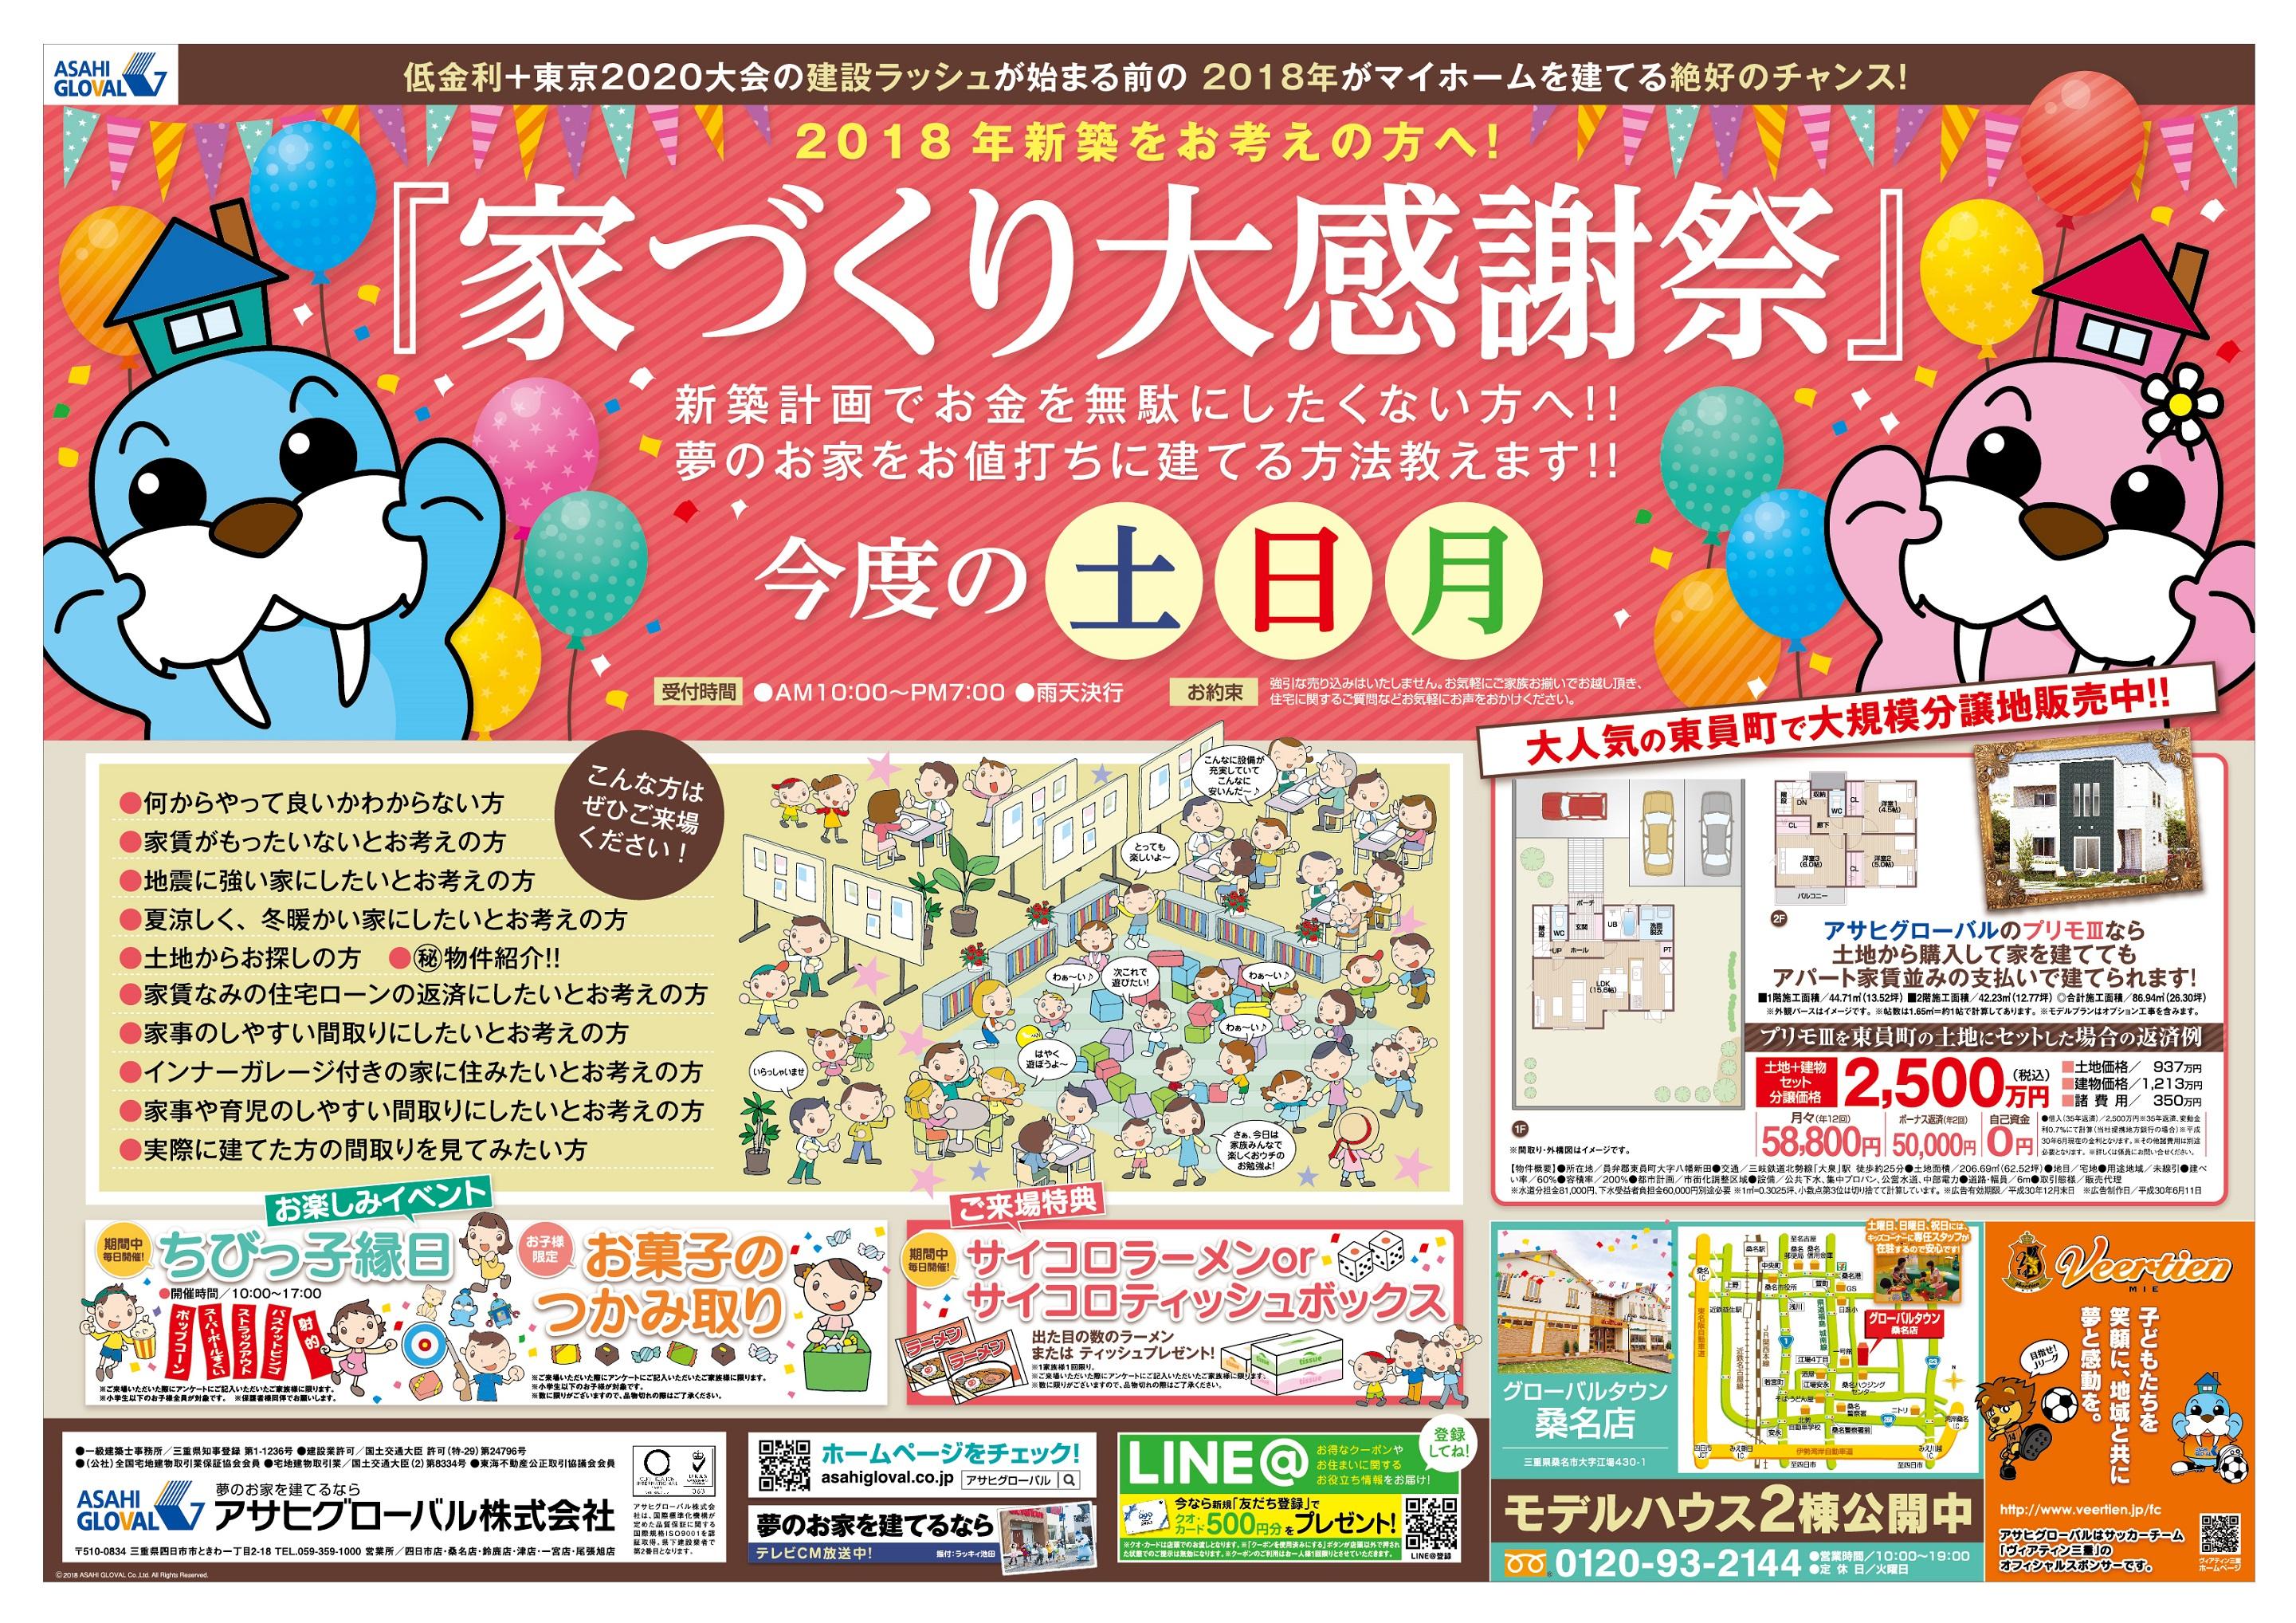 【グローバルタウン桑名店】家づくり大感謝祭 開催!